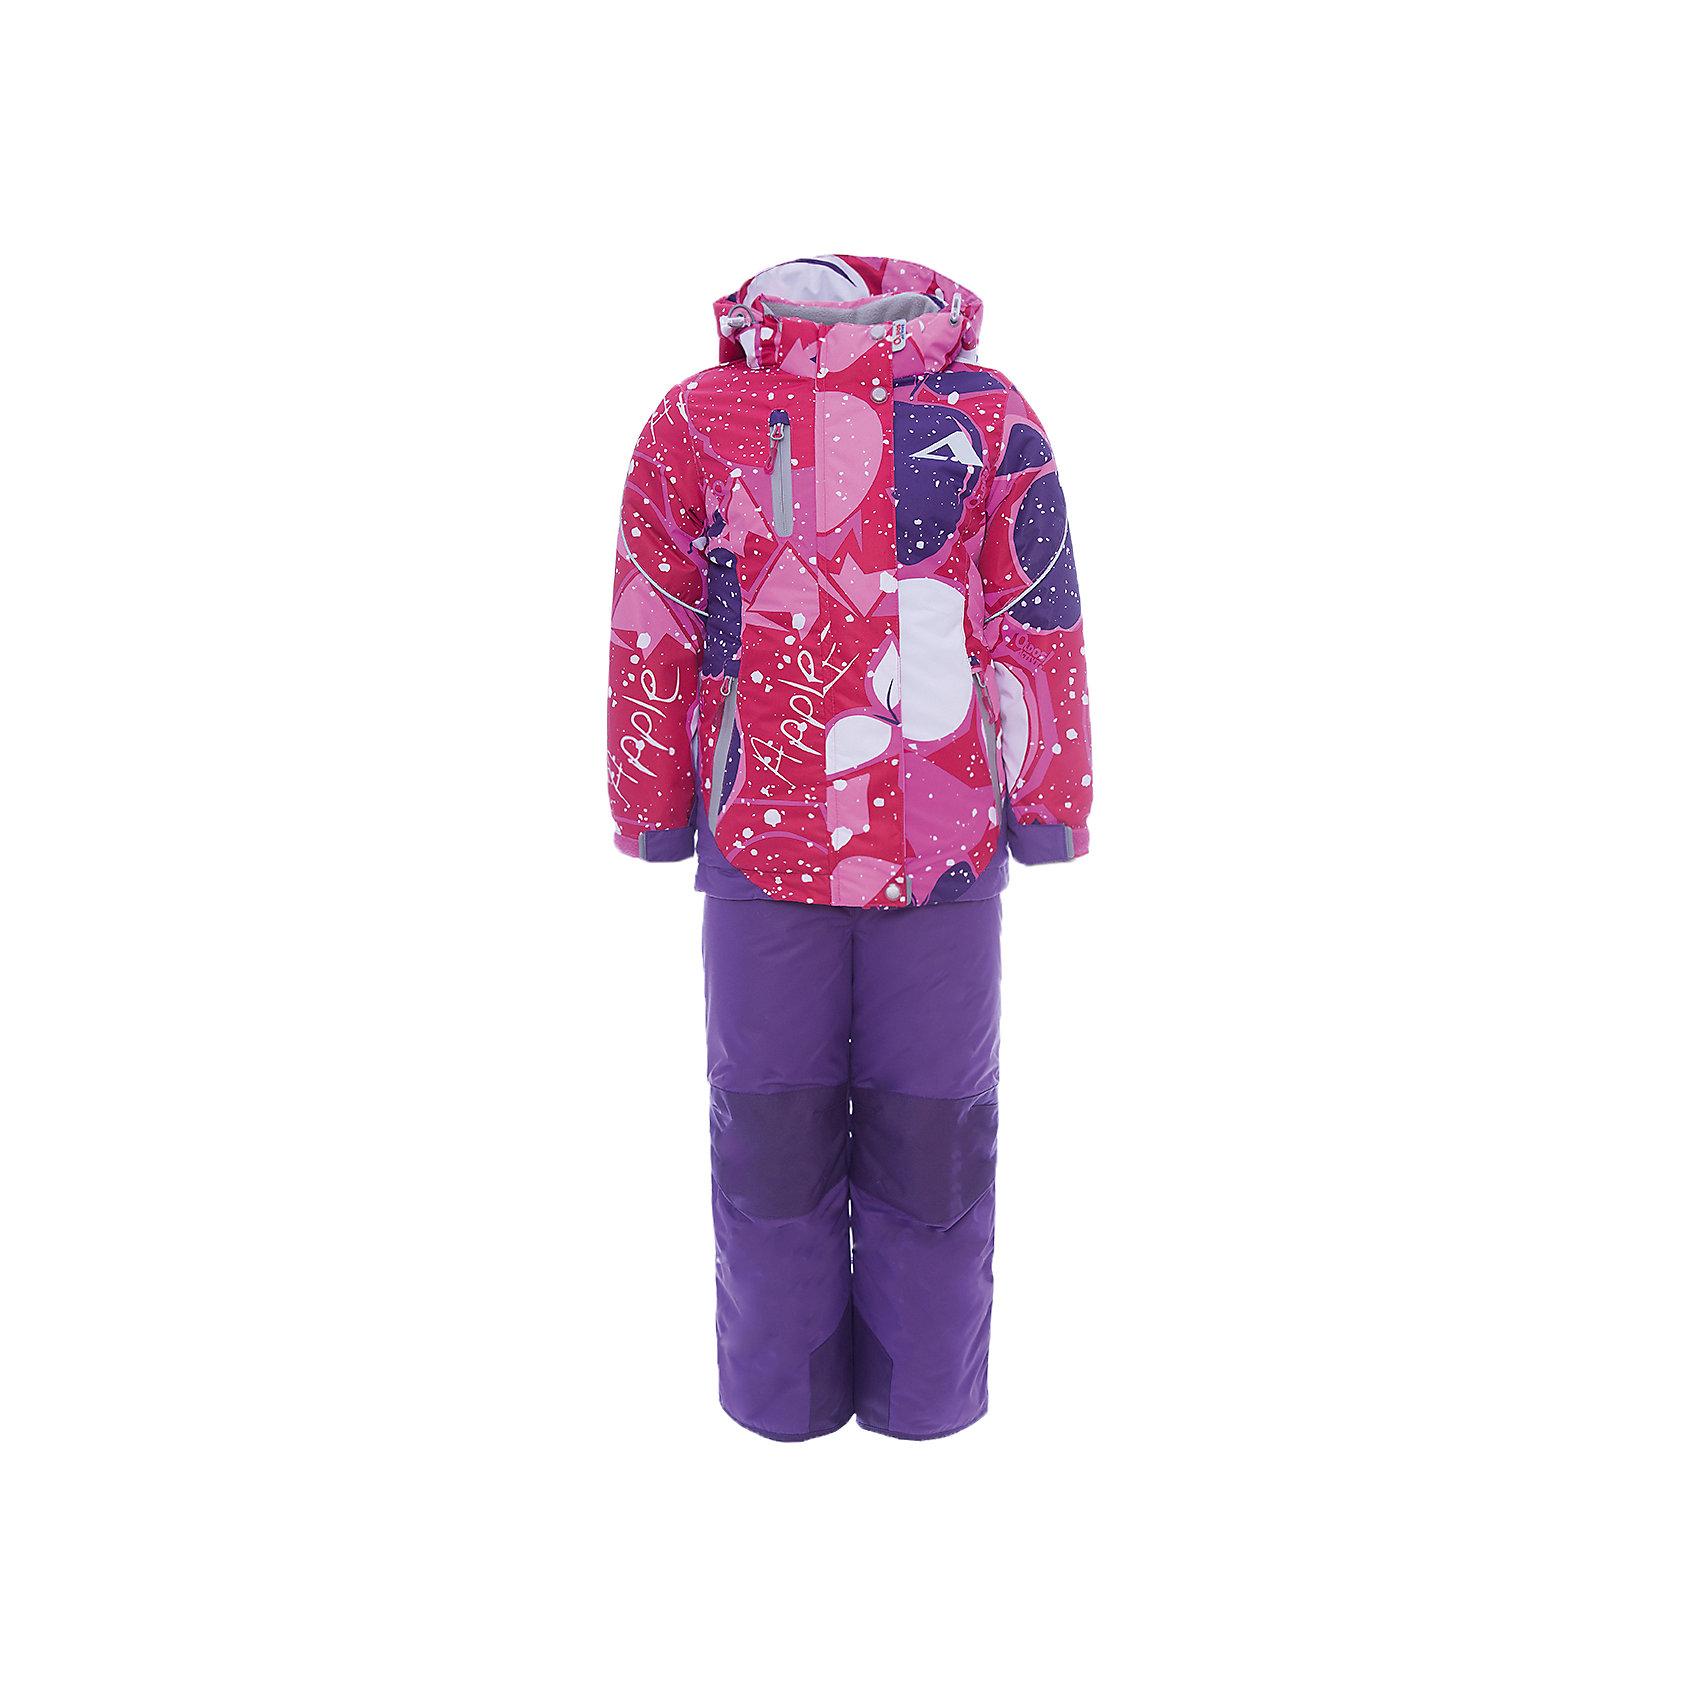 Комплект: куртка и полукомбинезон Лора OLDOS для девочкиВерхняя одежда<br>Характеристики товара:<br><br>• цвет: розовый<br>• комплектация: куртка и полукомбинезон<br>• состав ткани: полиэстер, Teflon<br>• подкладка: флис<br>• утеплитель: Hollofan pro<br>• сезон: зима<br>• мембранное покрытие<br>• температурный режим: от -30 до +5<br>• водонепроницаемость: 5000 мм <br>• паропроницаемость: 5000 г/м2<br>• плотность утеплителя: куртка - 200 г/м2, полукомбинезон - 150 г/м2<br>• застежка: молния<br>• капюшон: без меха, съемный<br>• полукомбинезон усилен износостойкими вставками<br>• страна бренда: Россия<br>• страна изготовитель: Россия<br><br>Мембранное покрытие такого детского комплекта - это защита от воды и грязи, износостойкость, за ним легко ухаживать. Этот мембранный комплект для девочки дополнен элементами, помогающими подогнать его размер под ребенка. Стильный зимний комплект от бренда Oldos разработан специально для детей. <br><br>Комплект: куртка и полукомбинезон Лора Oldos (Олдос) для девочки можно купить в нашем интернет-магазине.<br><br>Ширина мм: 356<br>Глубина мм: 10<br>Высота мм: 245<br>Вес г: 519<br>Цвет: розовый<br>Возраст от месяцев: 108<br>Возраст до месяцев: 120<br>Пол: Женский<br>Возраст: Детский<br>Размер: 140,92,98,104,110,116,122,128,134<br>SKU: 7015998